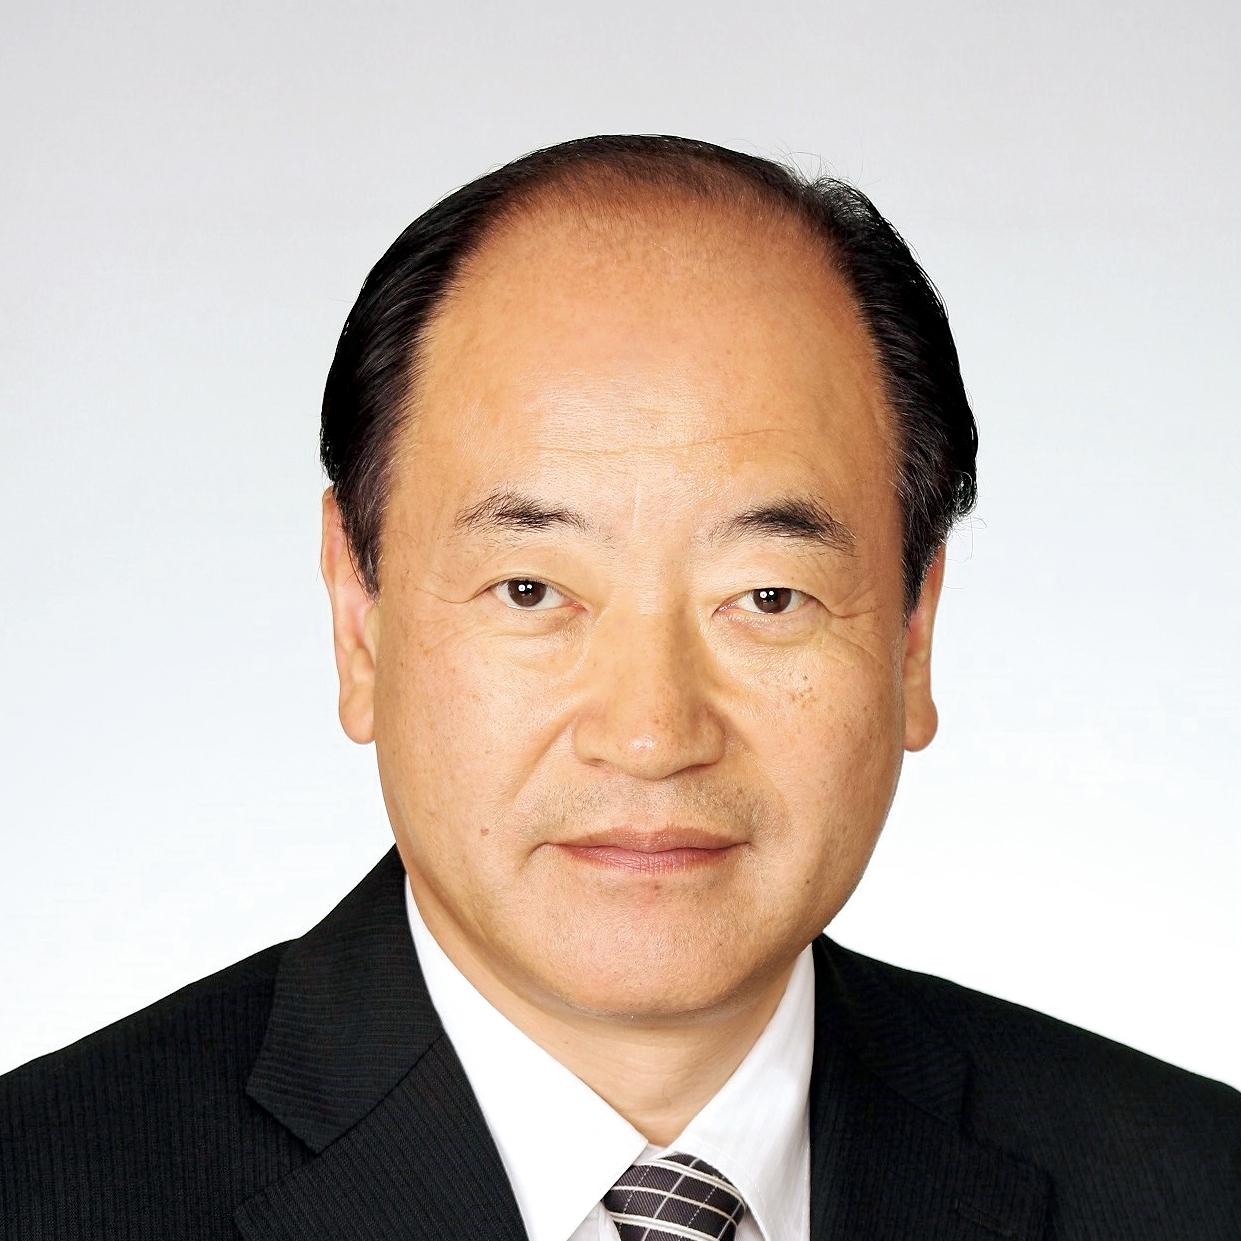 愛知県立旭丘高等学校校長 杉山賢純先生 写真